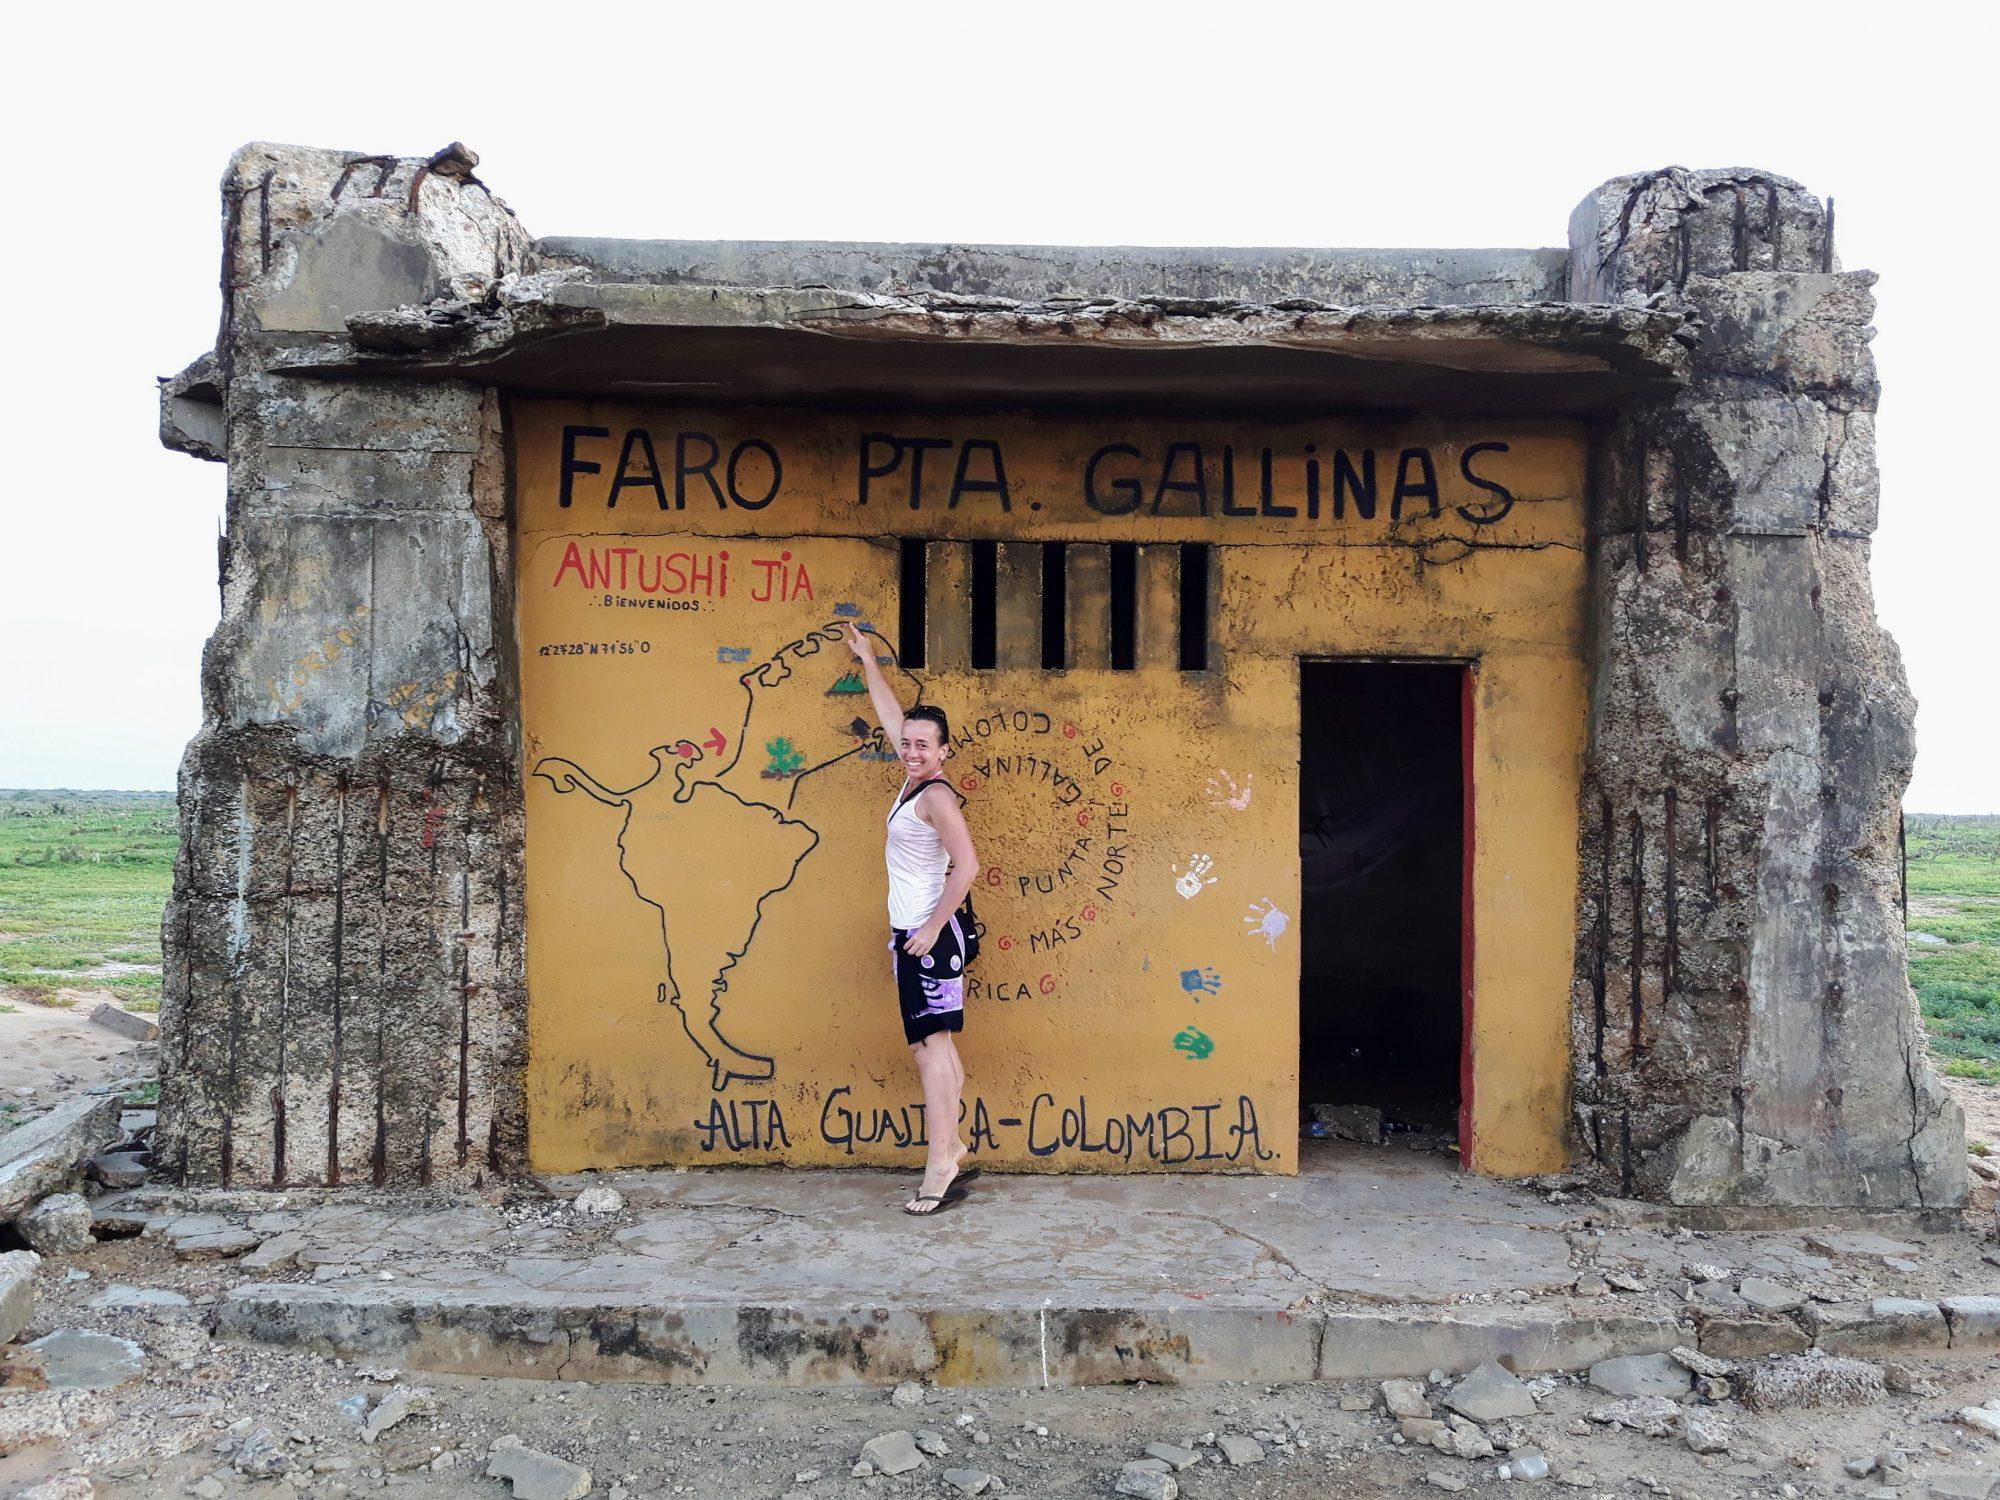 Colombia La Guajira - Faro Punta Gallinas